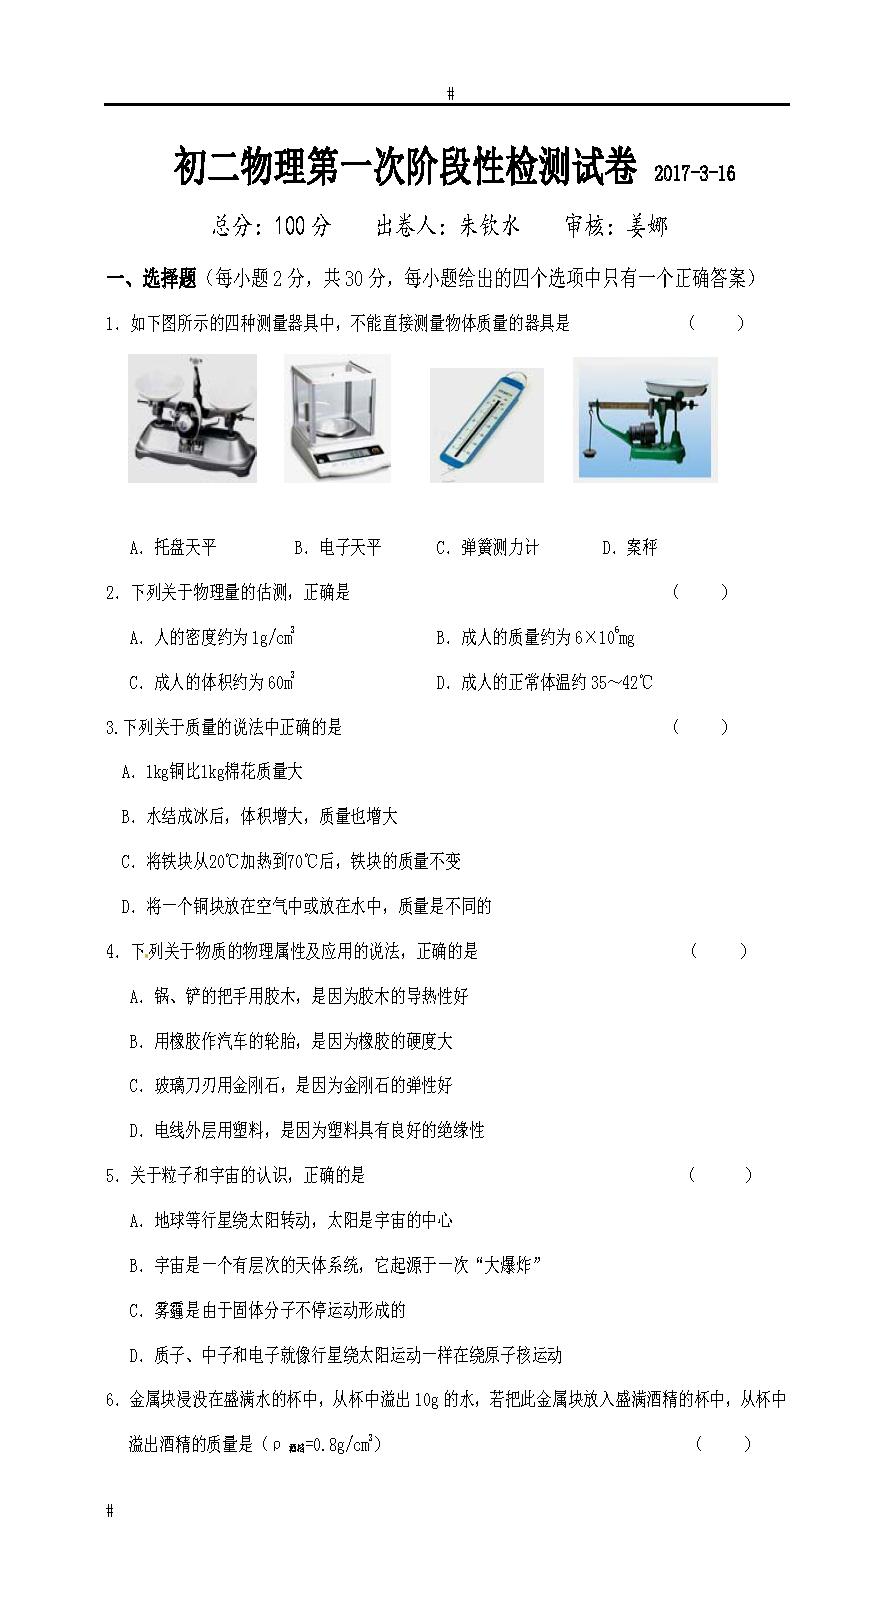 江苏江阴月城中学2016-2017八年级3月月考物理试题(图片版)